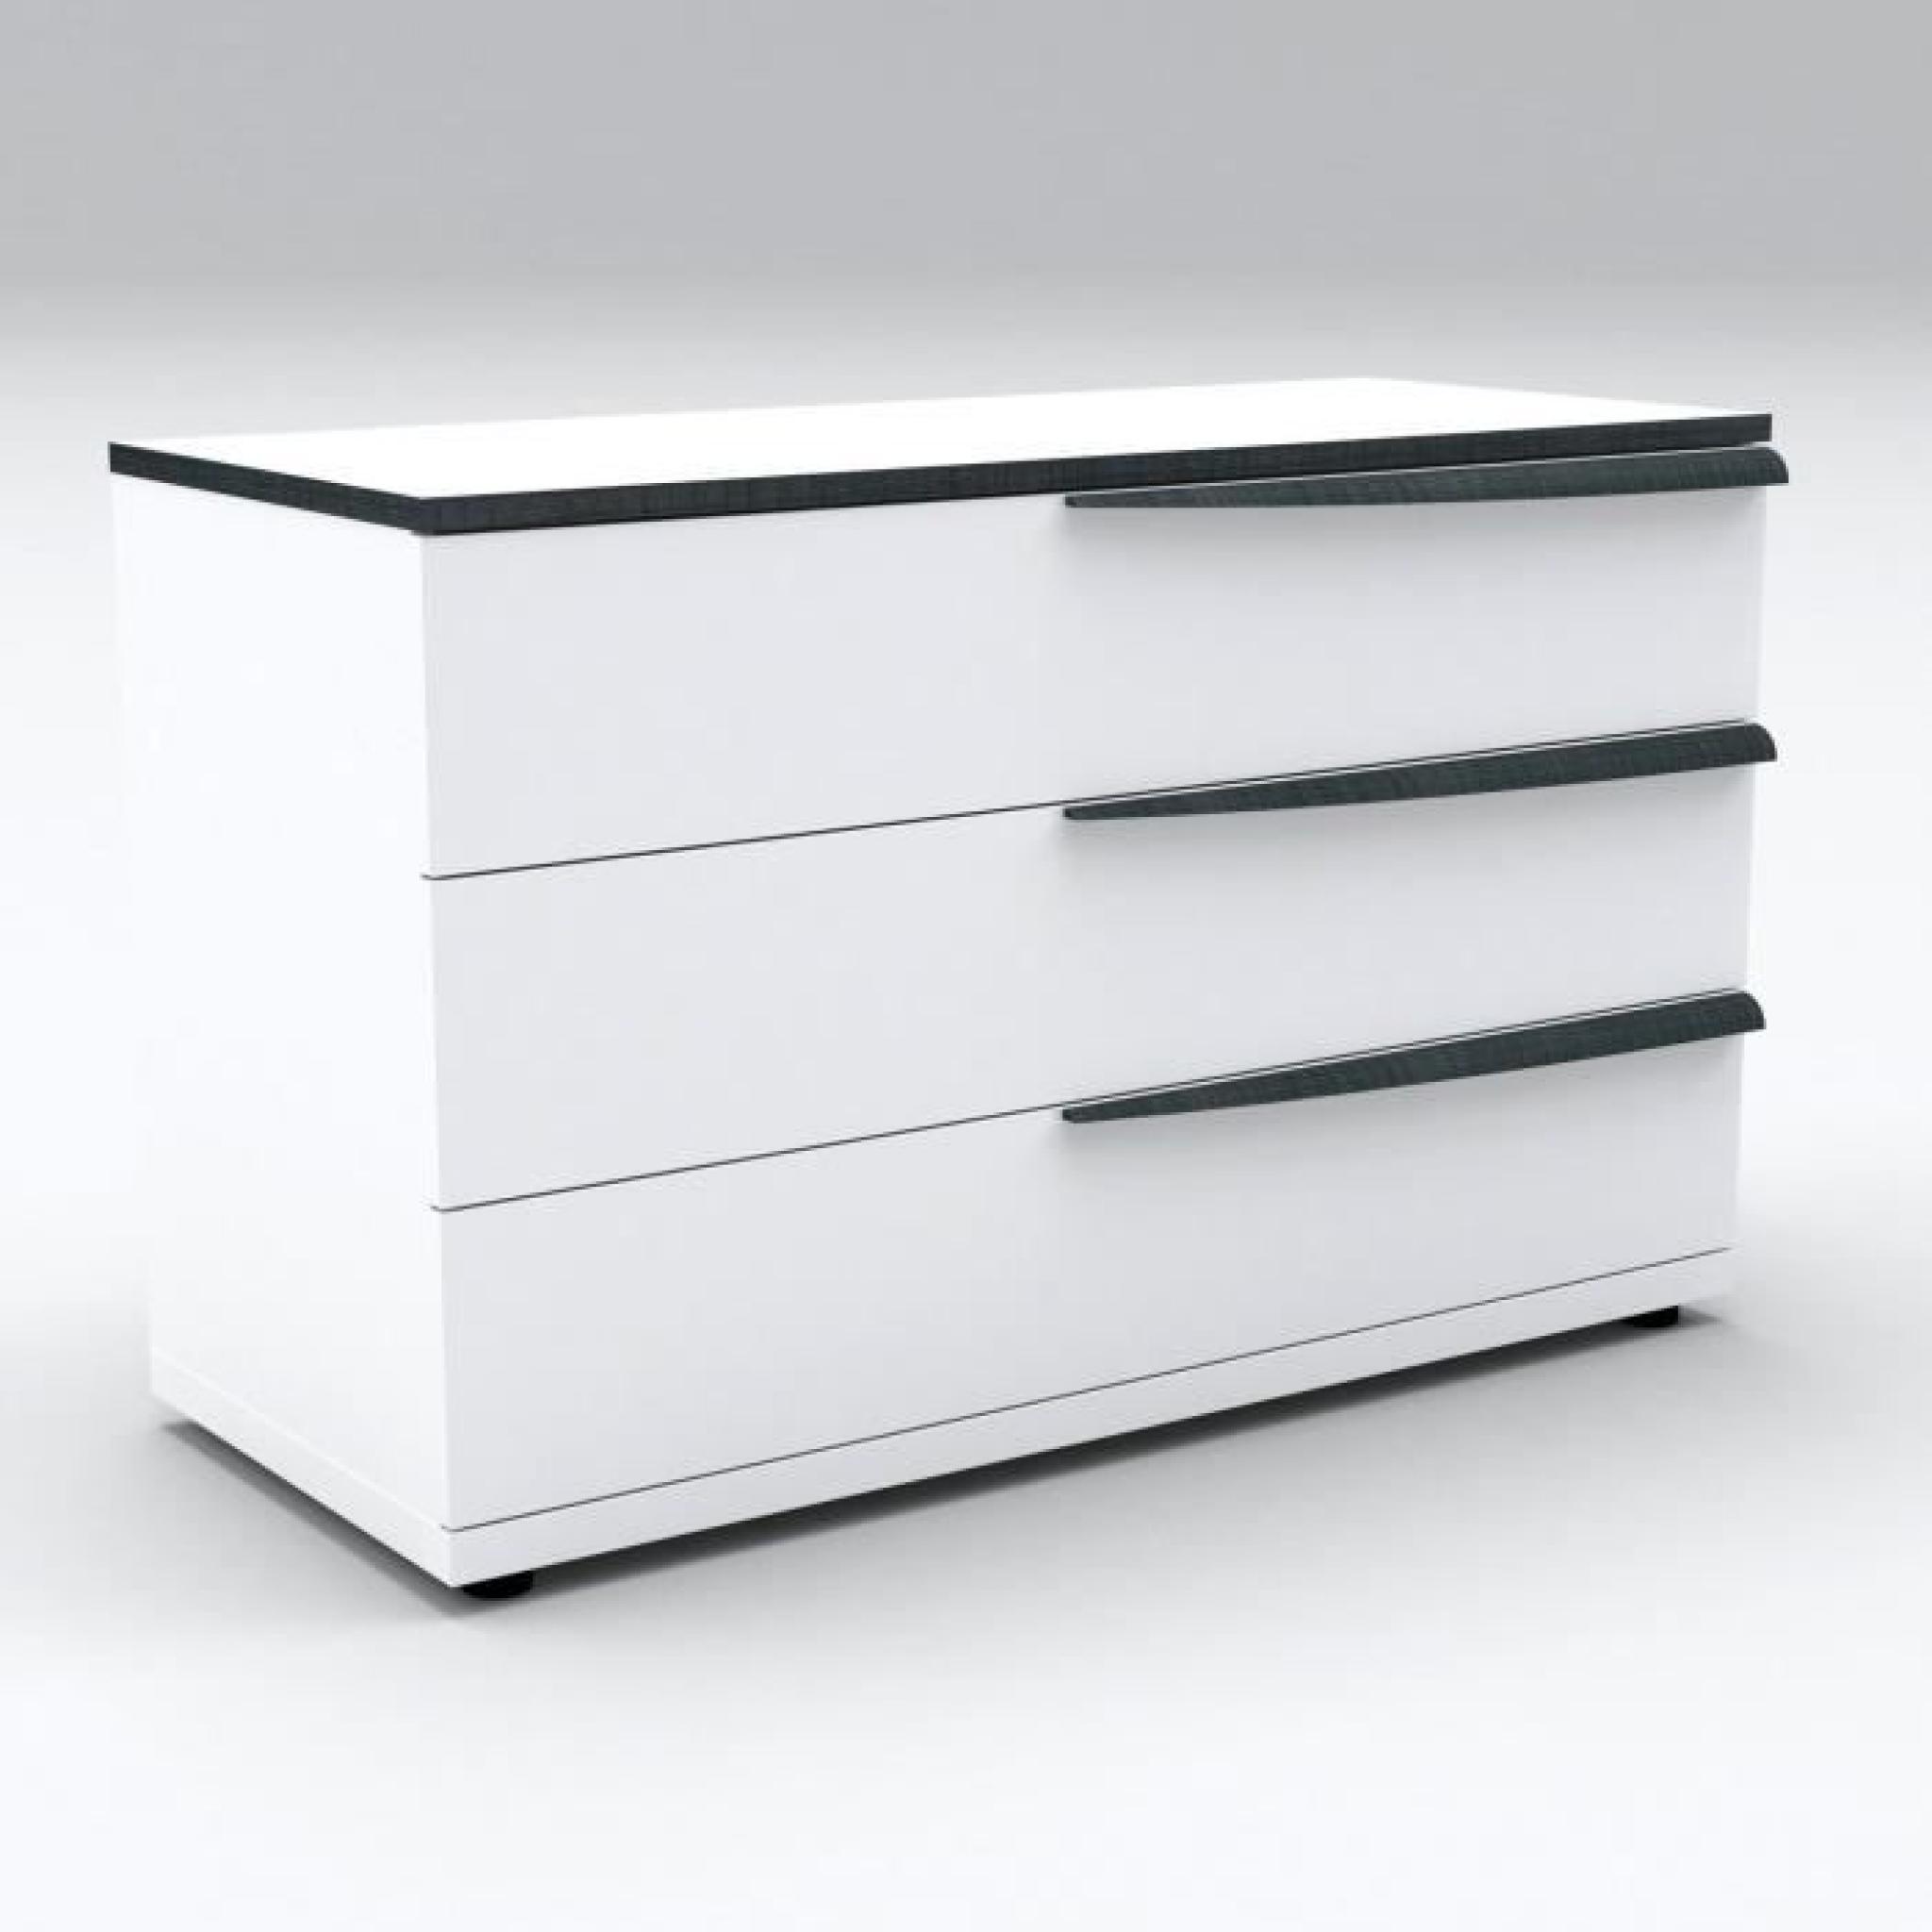 vision commode 120 cm laqu blanc d cor gris fonc achat vente commode pas cher couleur et. Black Bedroom Furniture Sets. Home Design Ideas